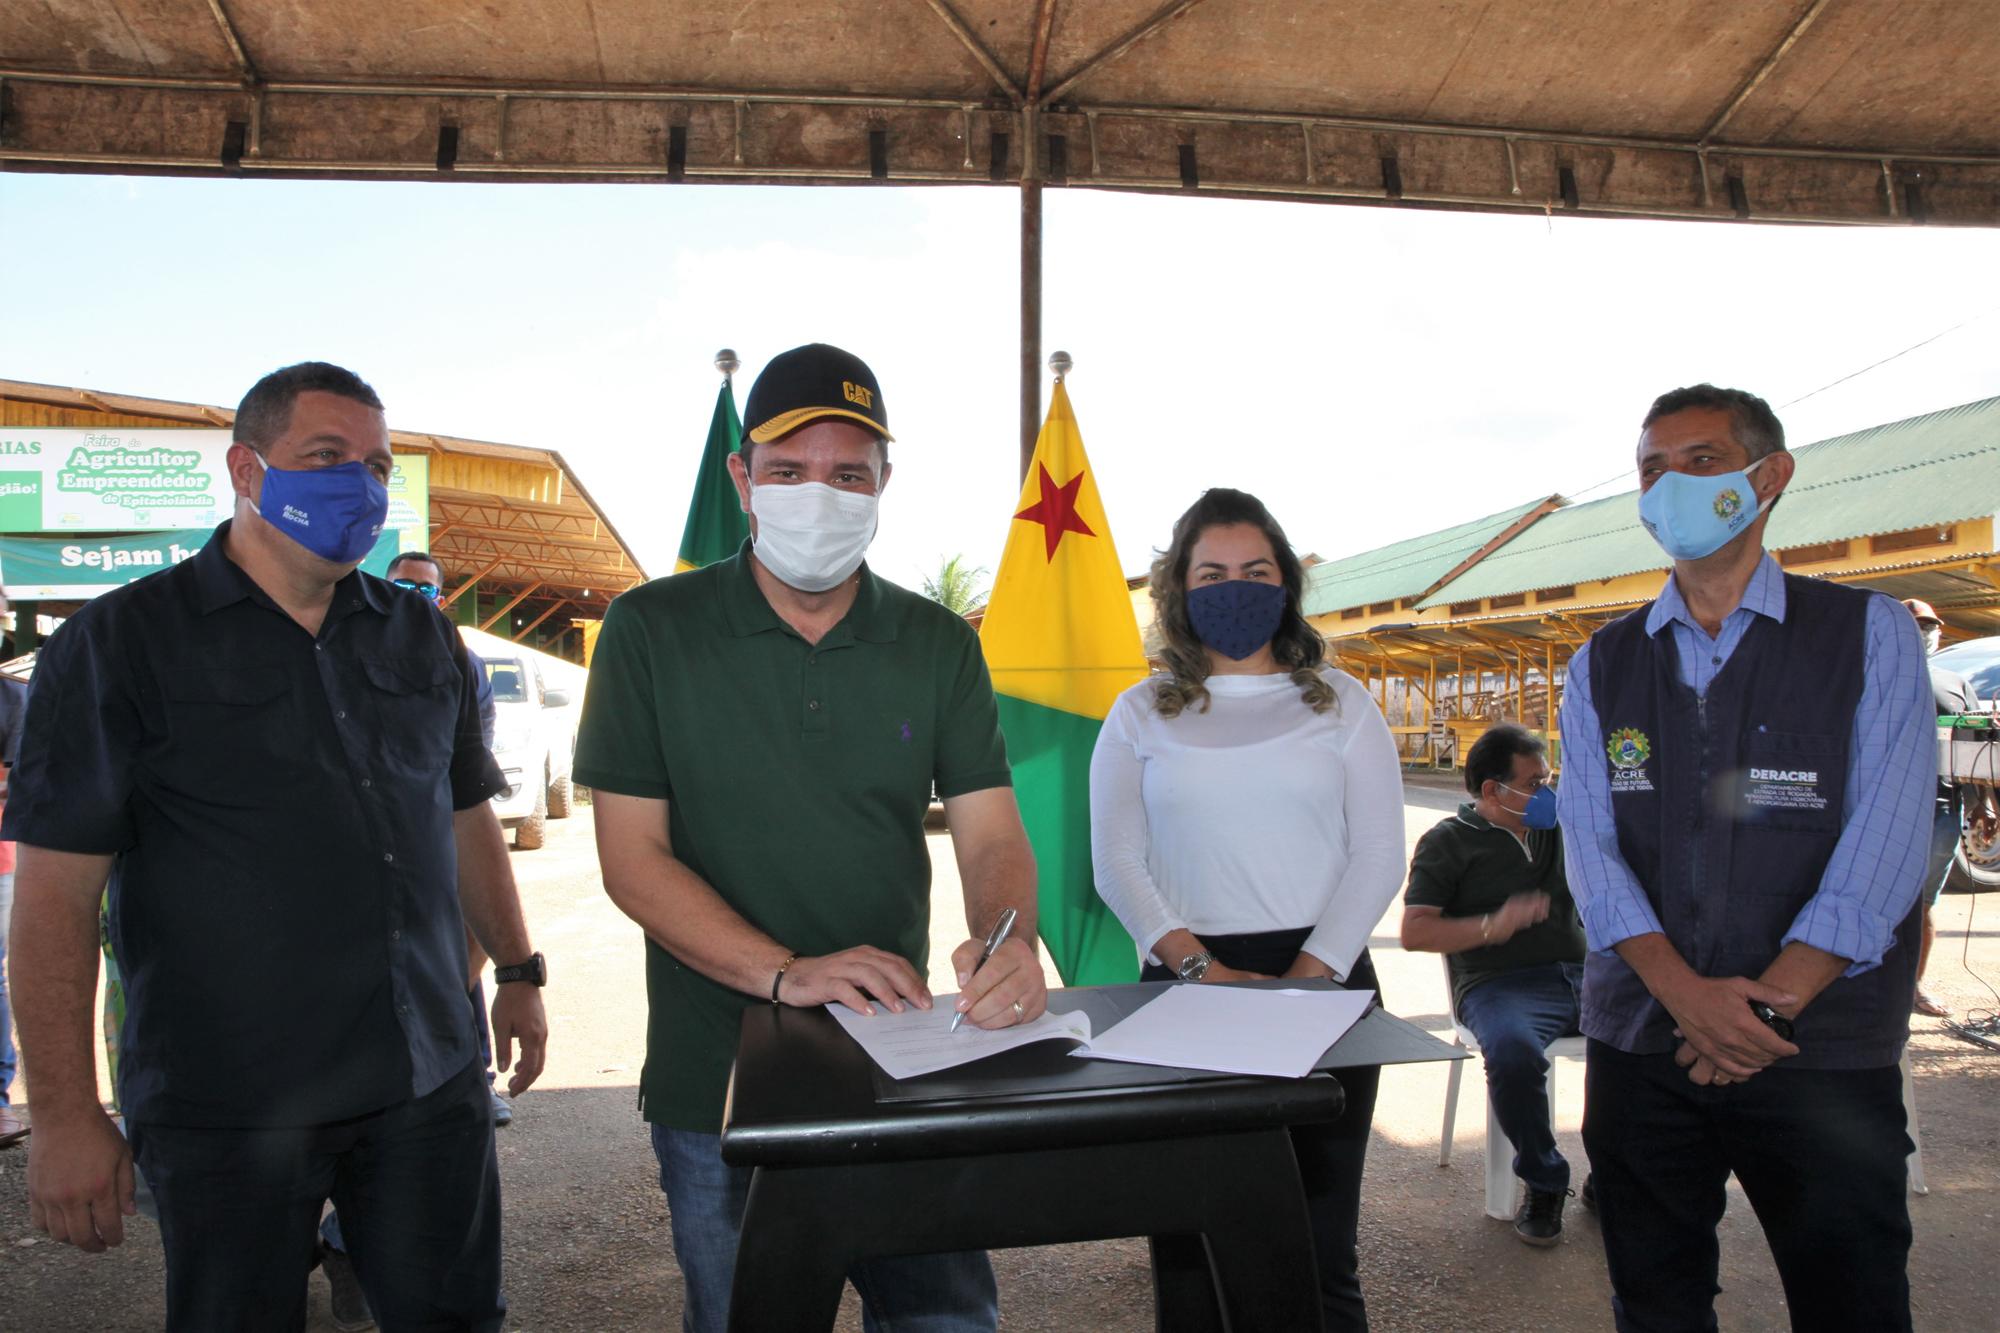 Governo assina convênio com prefeituras de Brasileia, Epitaciolândia e Xapuri para abertura e recuperação de ramais